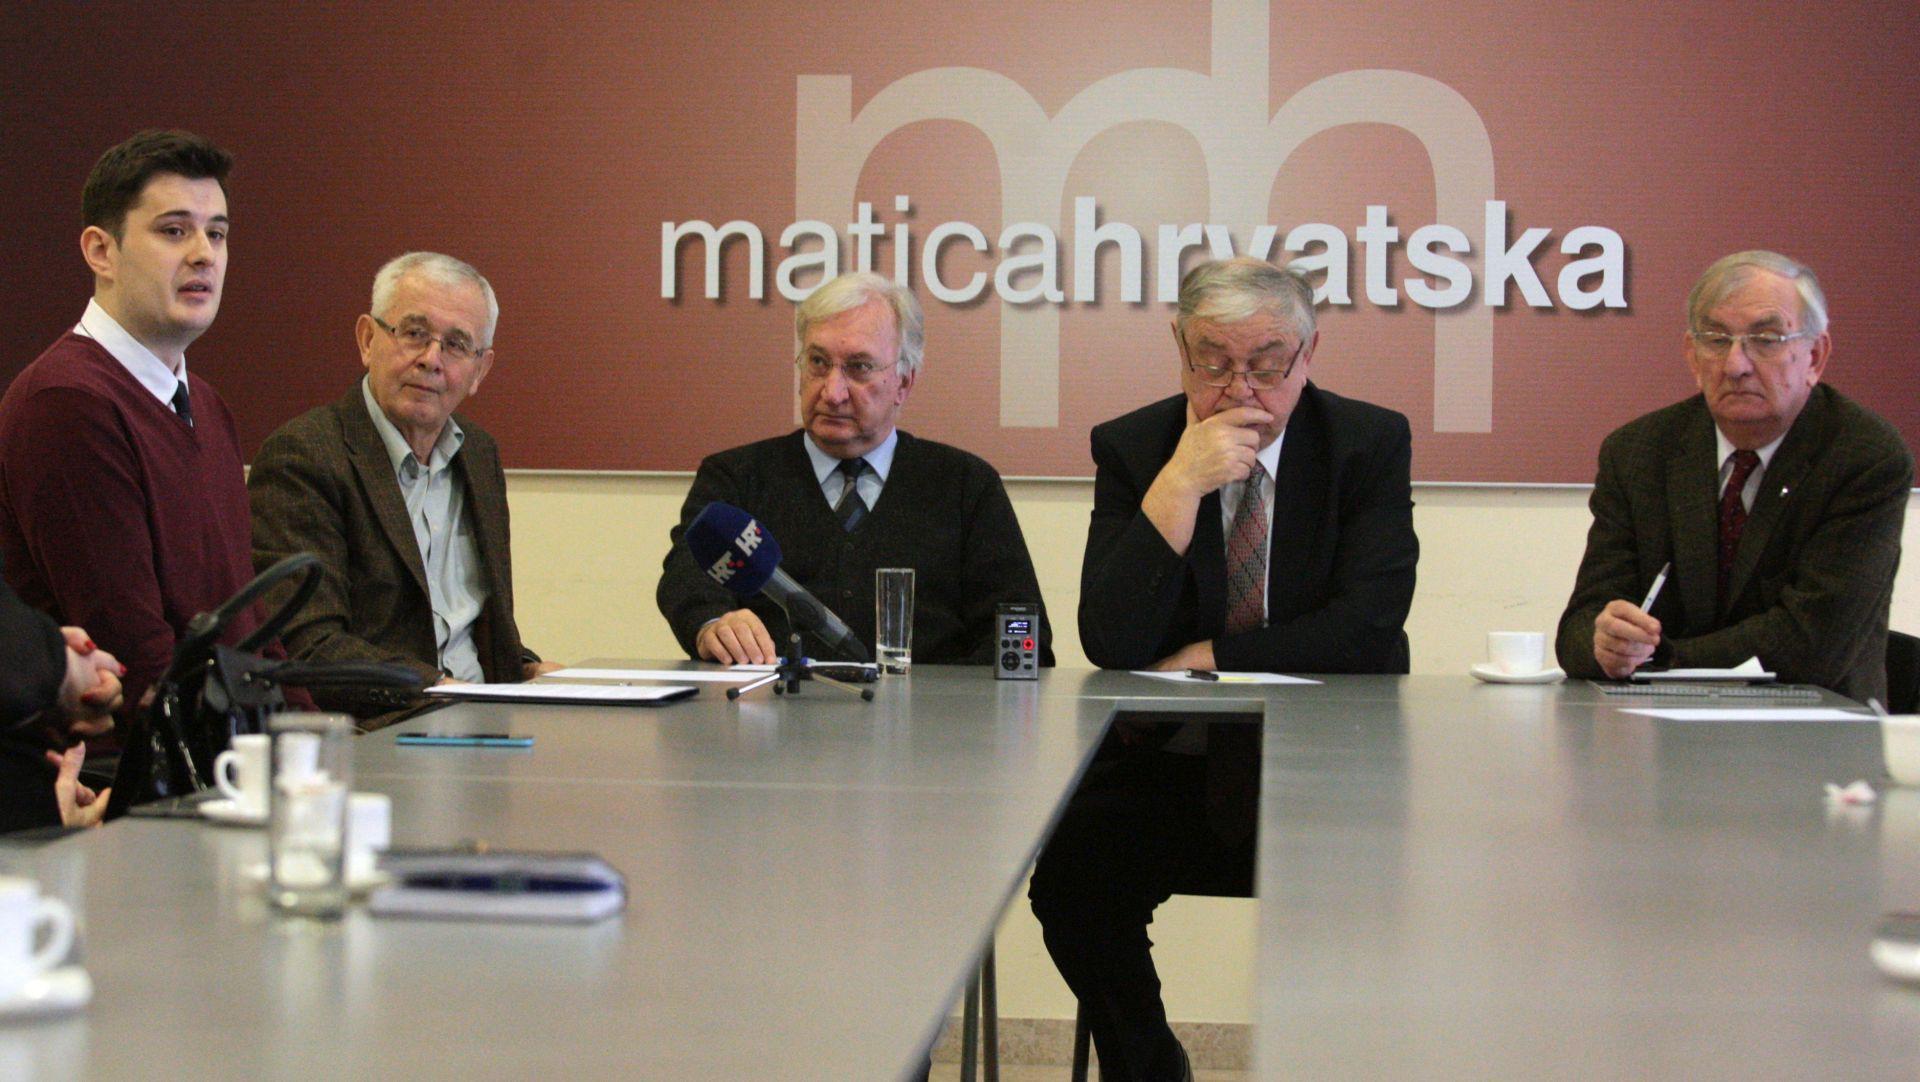 Krajnje vrijeme da se u zaštitu legitimnih prava Hrvata u BiH uključi šira međunarodna zajednica